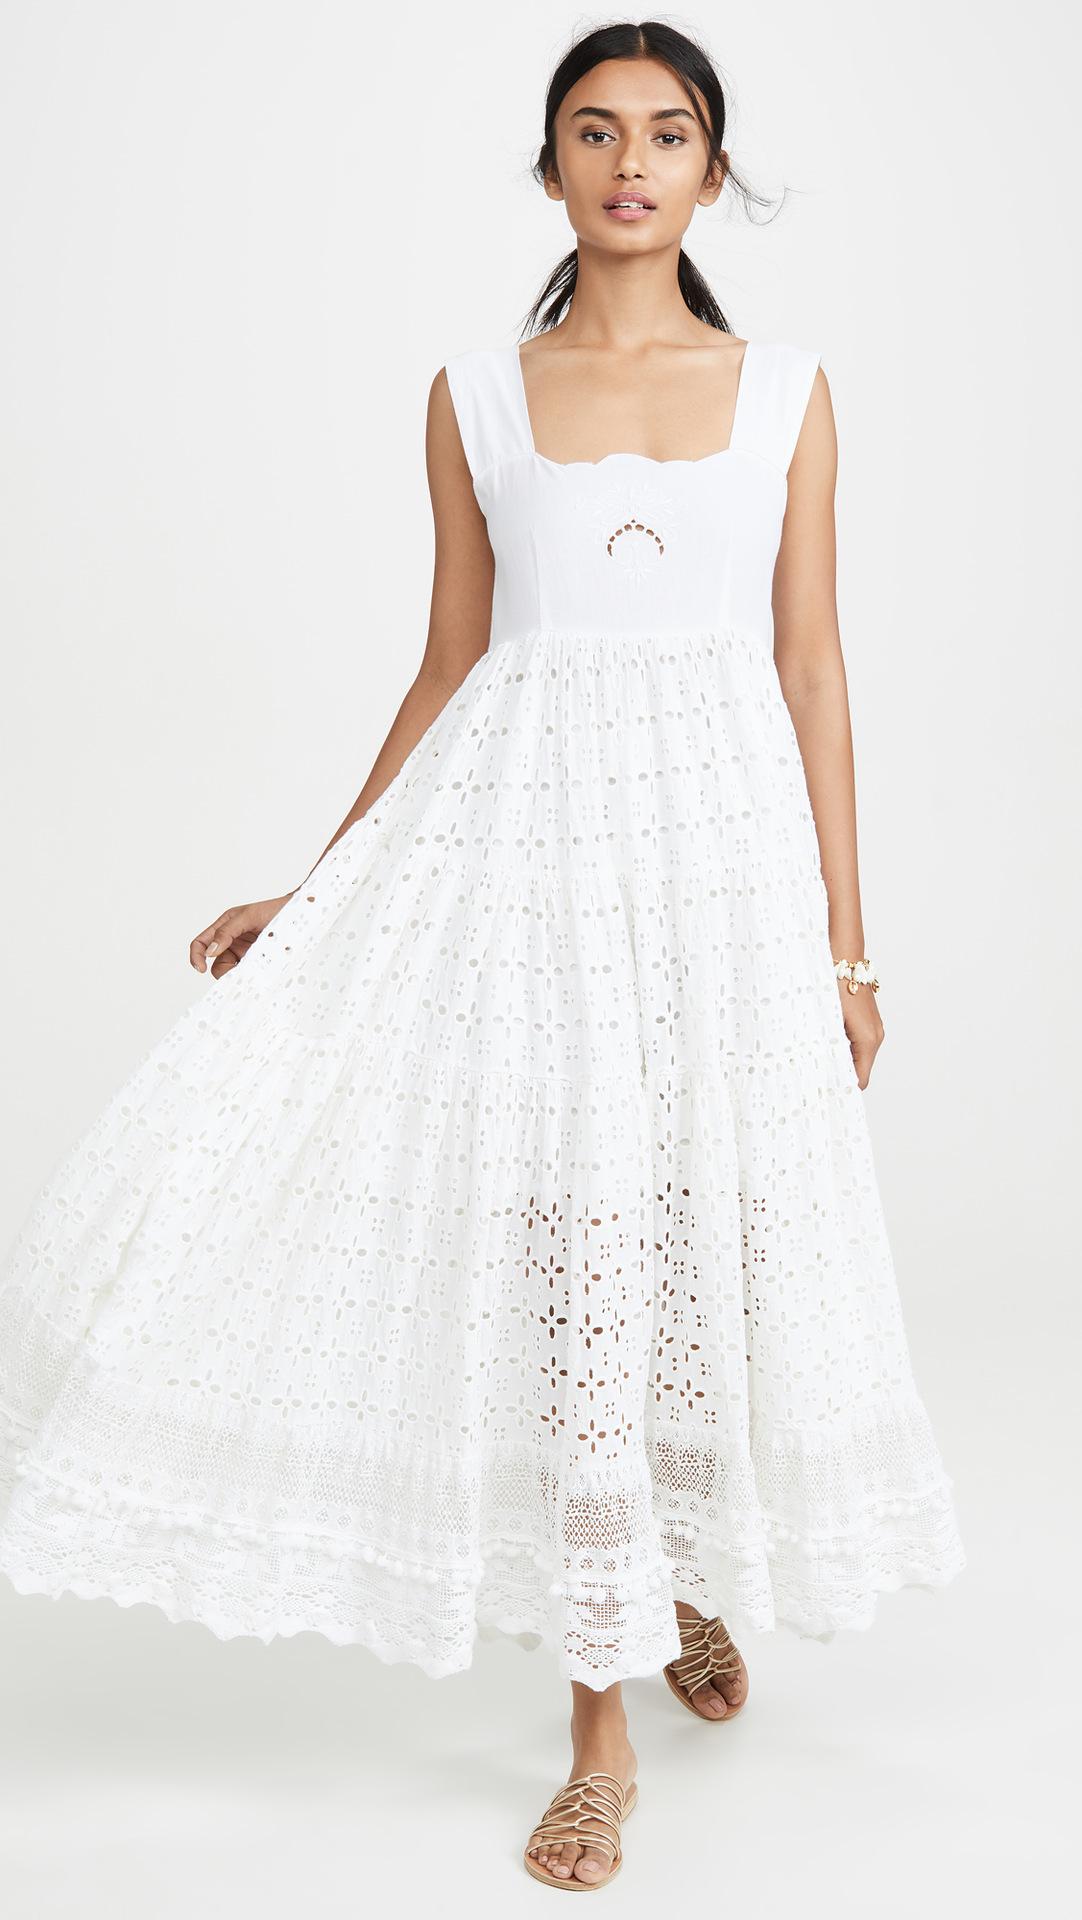 白色吊带连衣裙 裙子仙女超仙森系吊带裙女夏法式显瘦白色方领连衣裙波西米亚长裙_推荐淘宝好看的白色吊带连衣裙